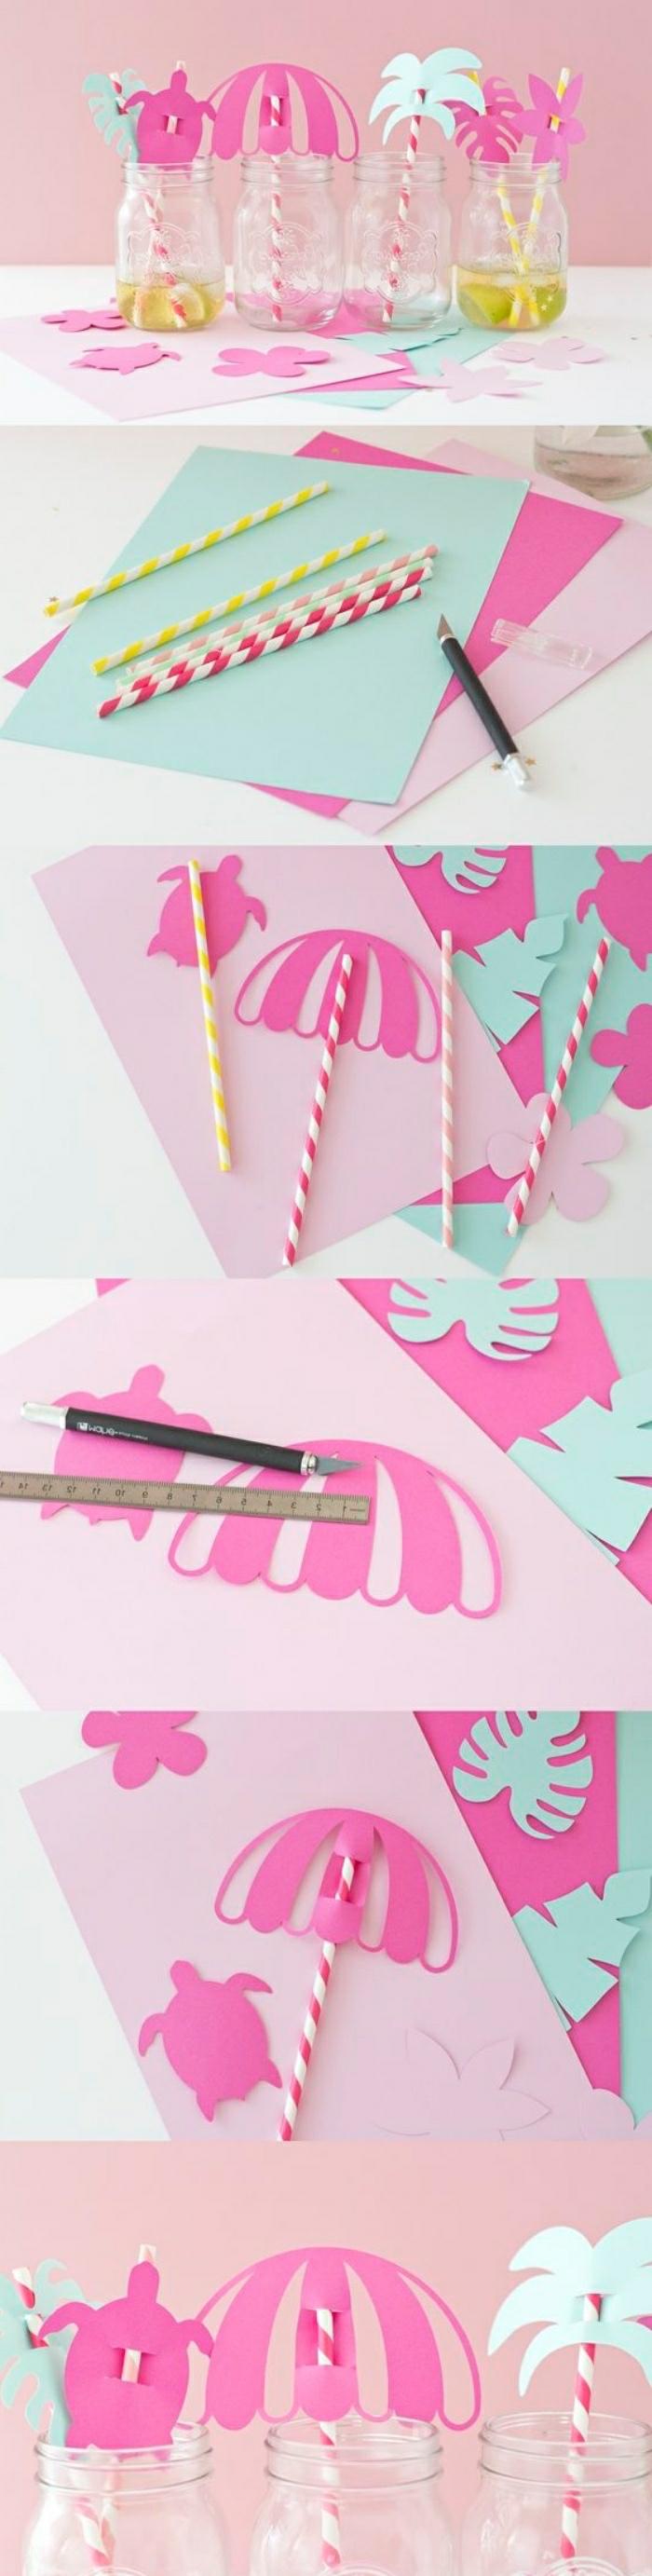 Attività innovative fai da te con carta e cannucce colorate, idea creativa per l'estate